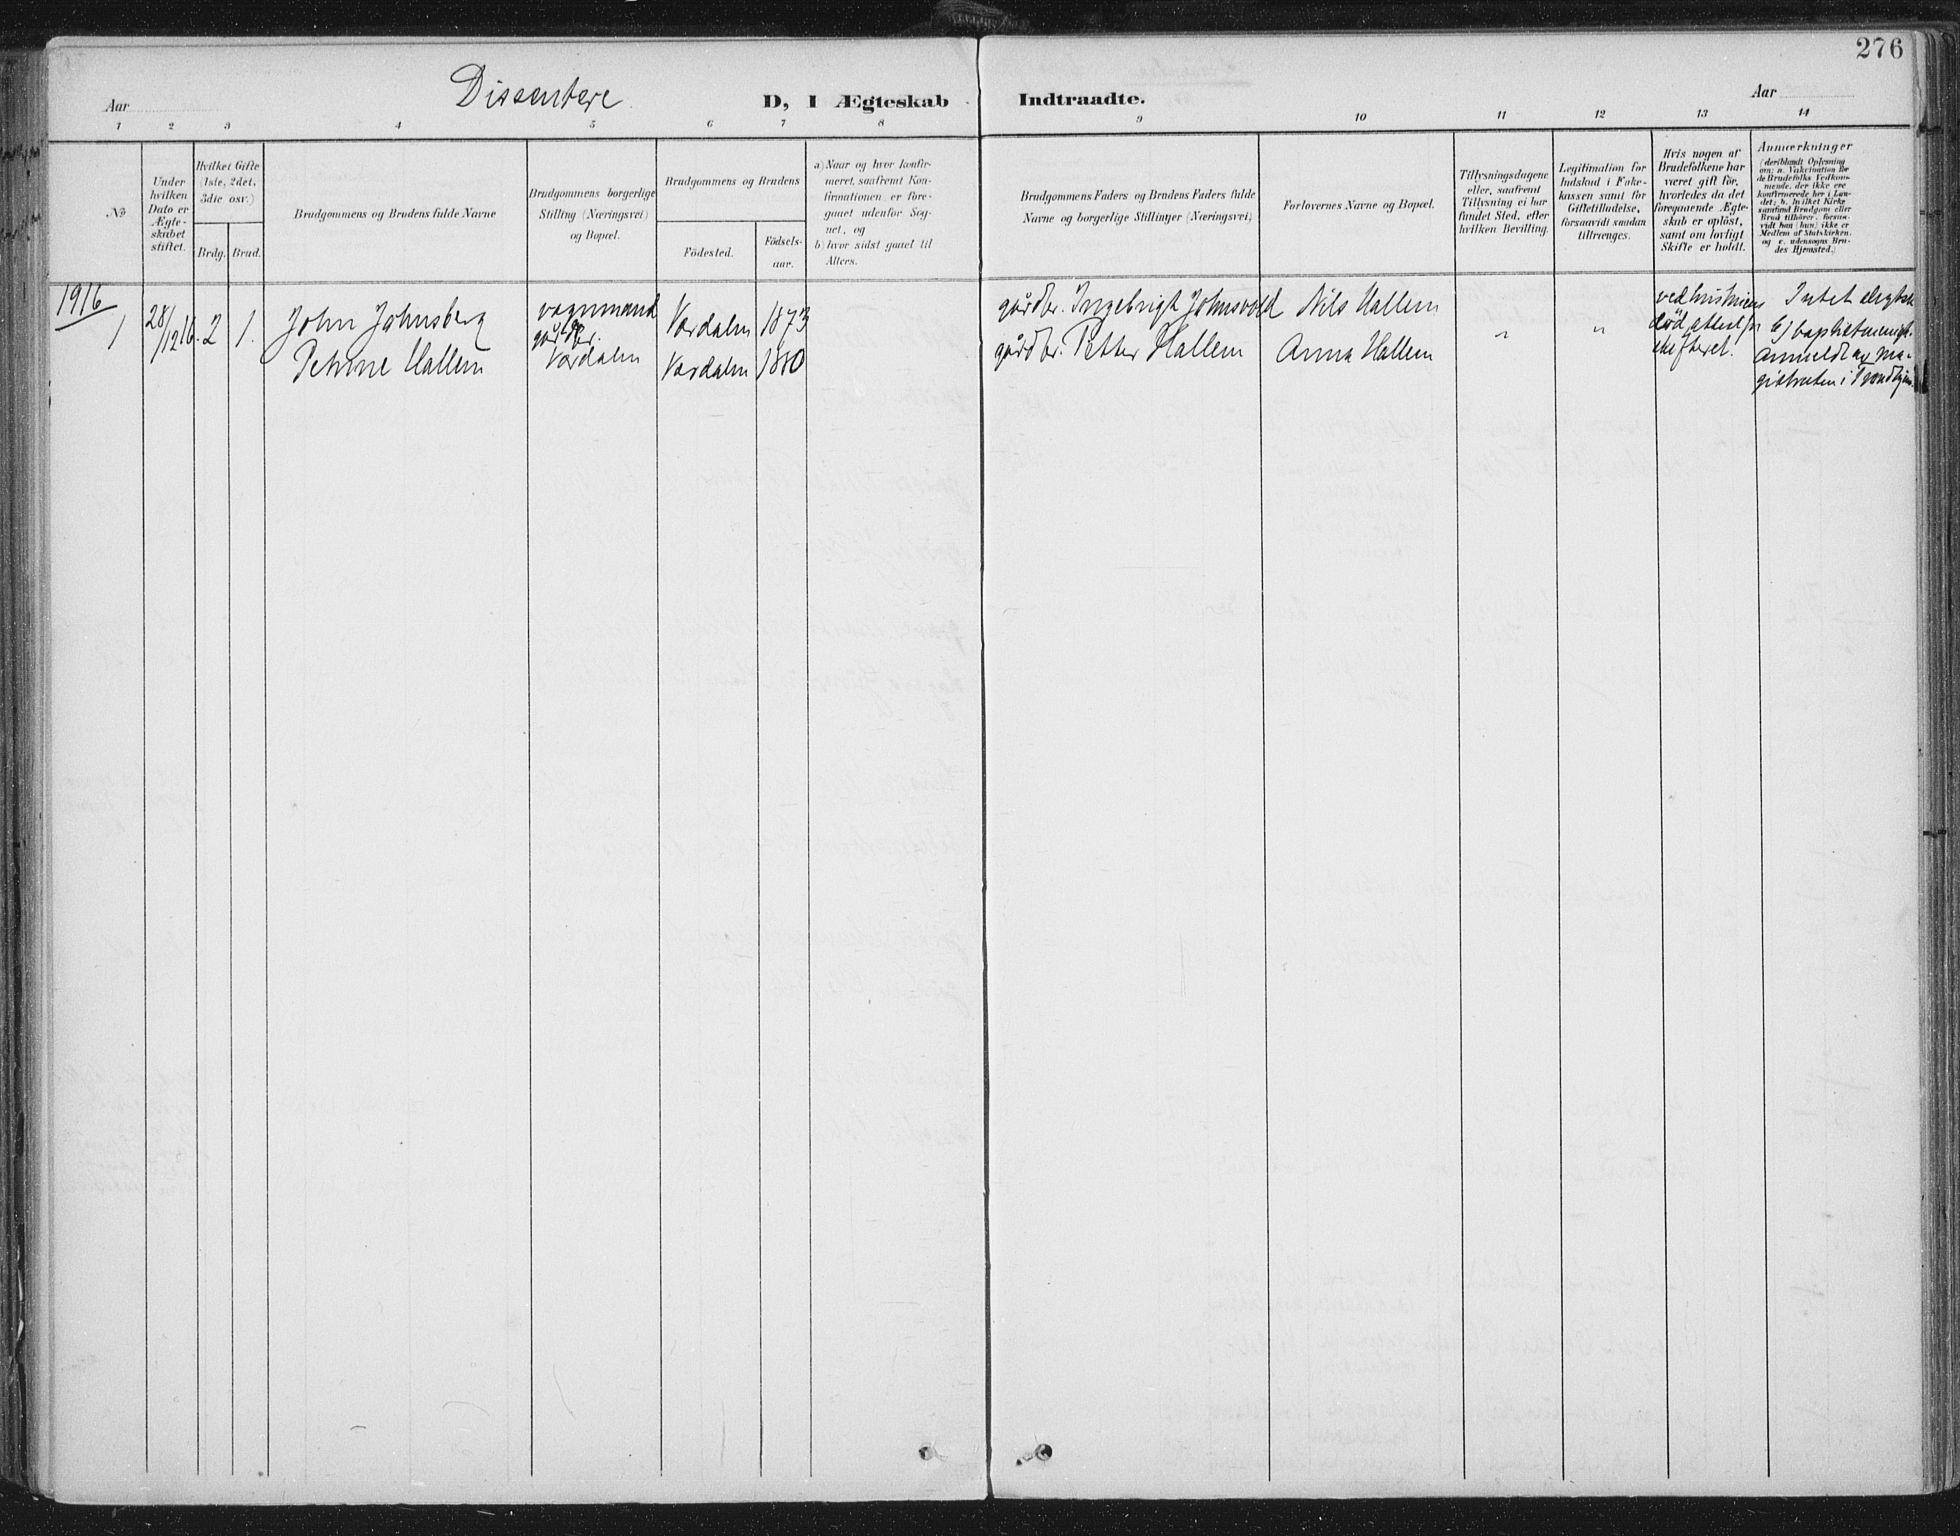 SAT, Ministerialprotokoller, klokkerbøker og fødselsregistre - Nord-Trøndelag, 723/L0246: Ministerialbok nr. 723A15, 1900-1917, s. 276